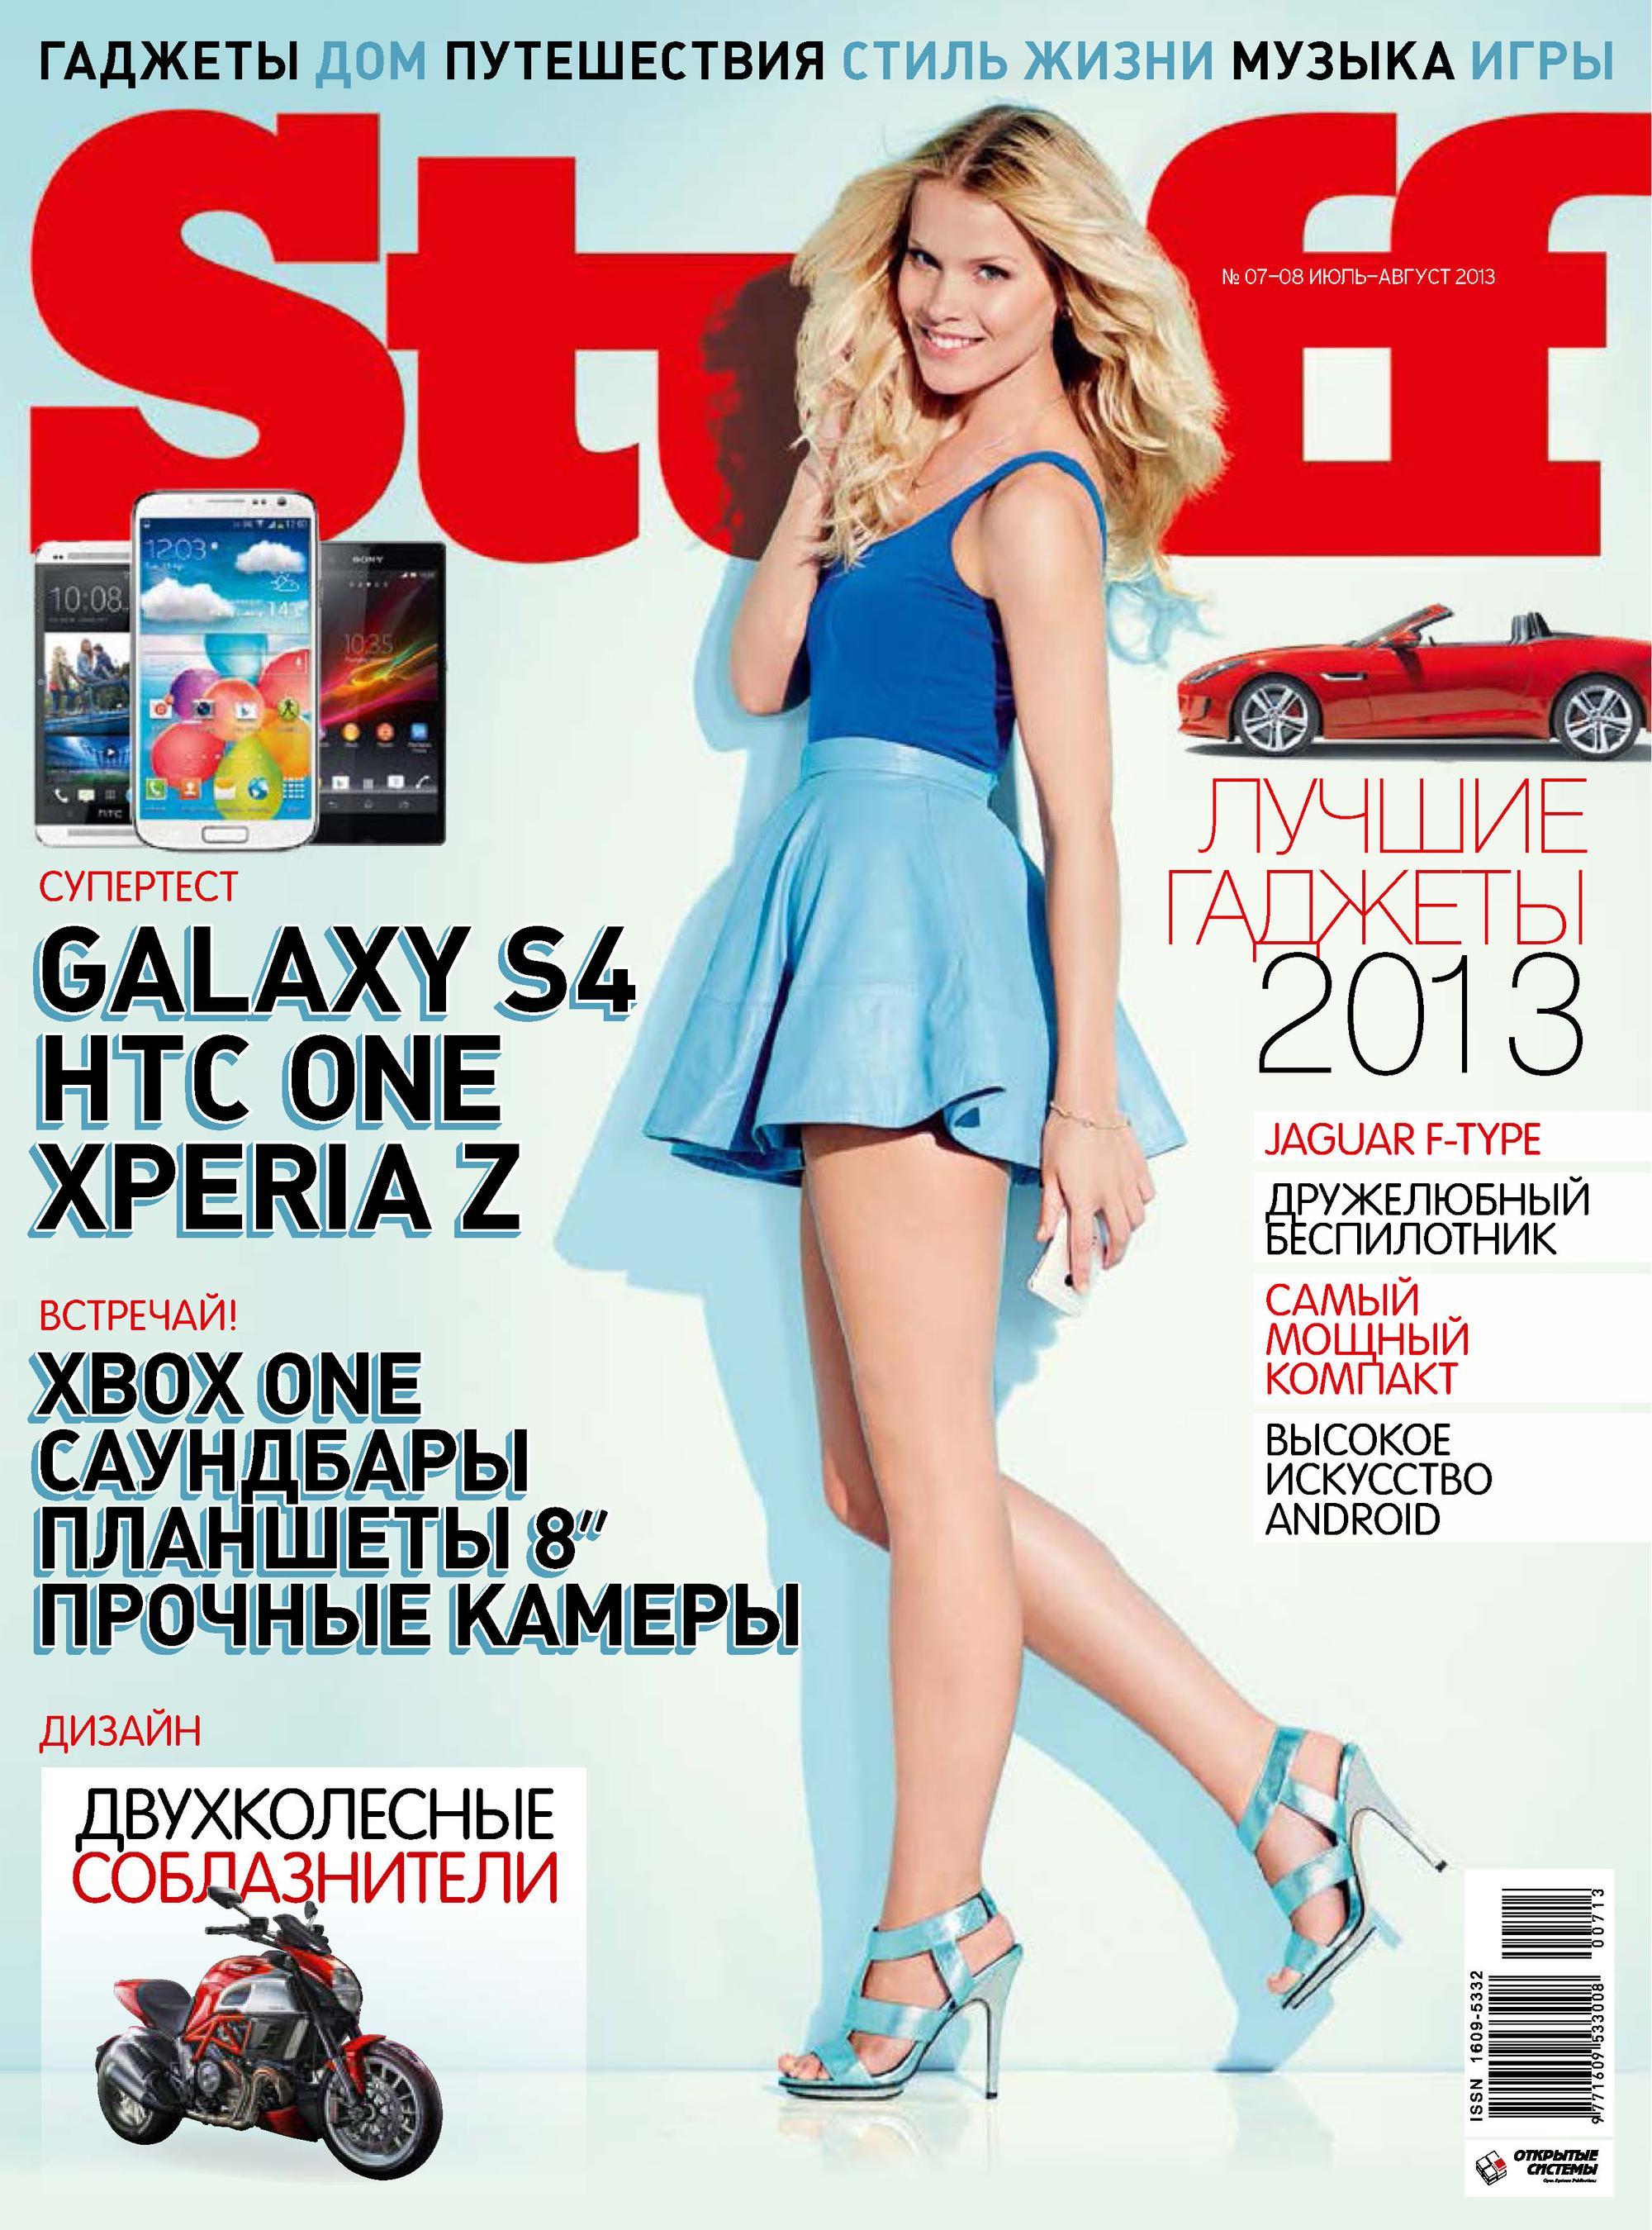 Открытые системы Журнал Stuff №07-08/2013